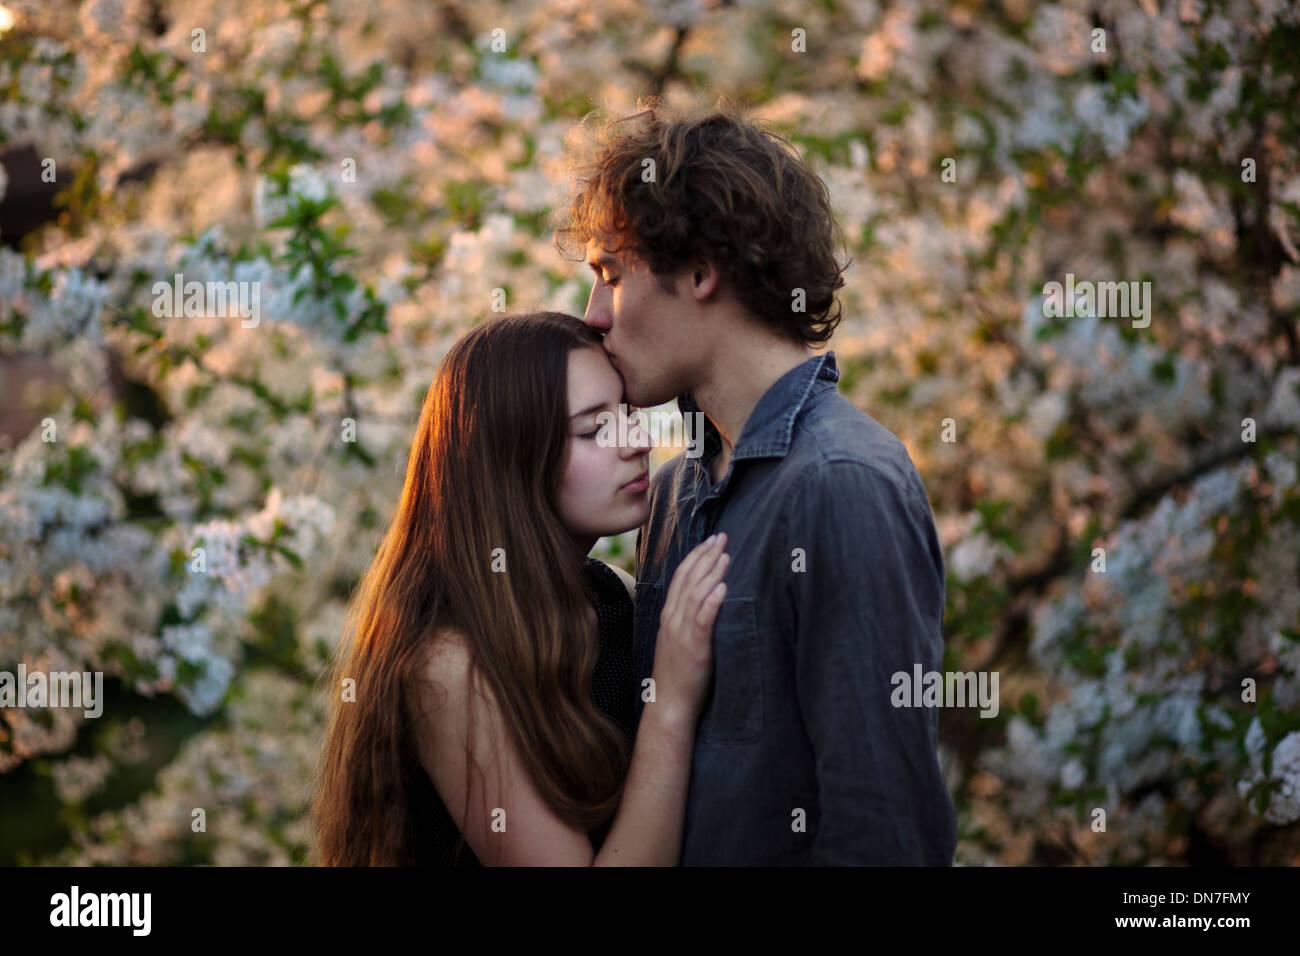 Jovem casal no amor de beijar com os olhos fechados Imagens de Stock